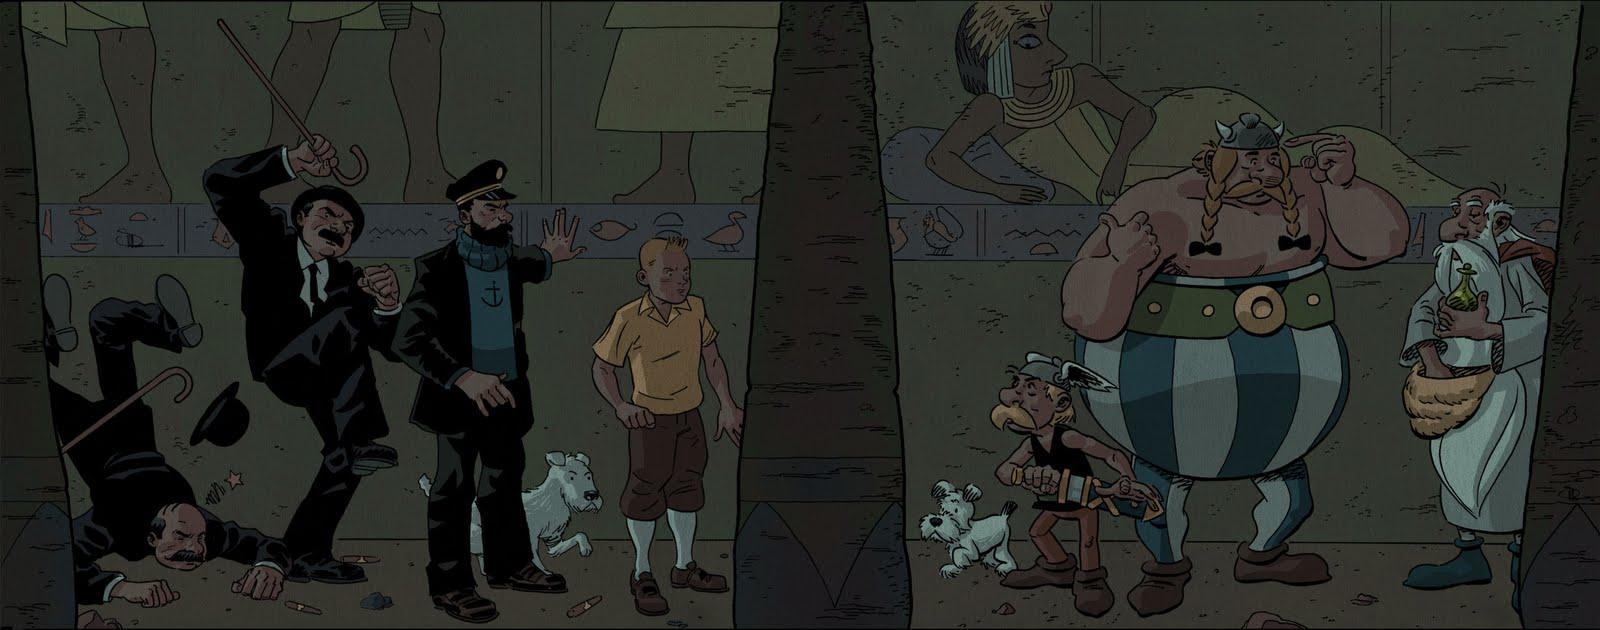 Pastiches, detournements, plagia de vos personnages préférés ! - Page 6 Shaner_tintin%2Bmeets%2Basterix